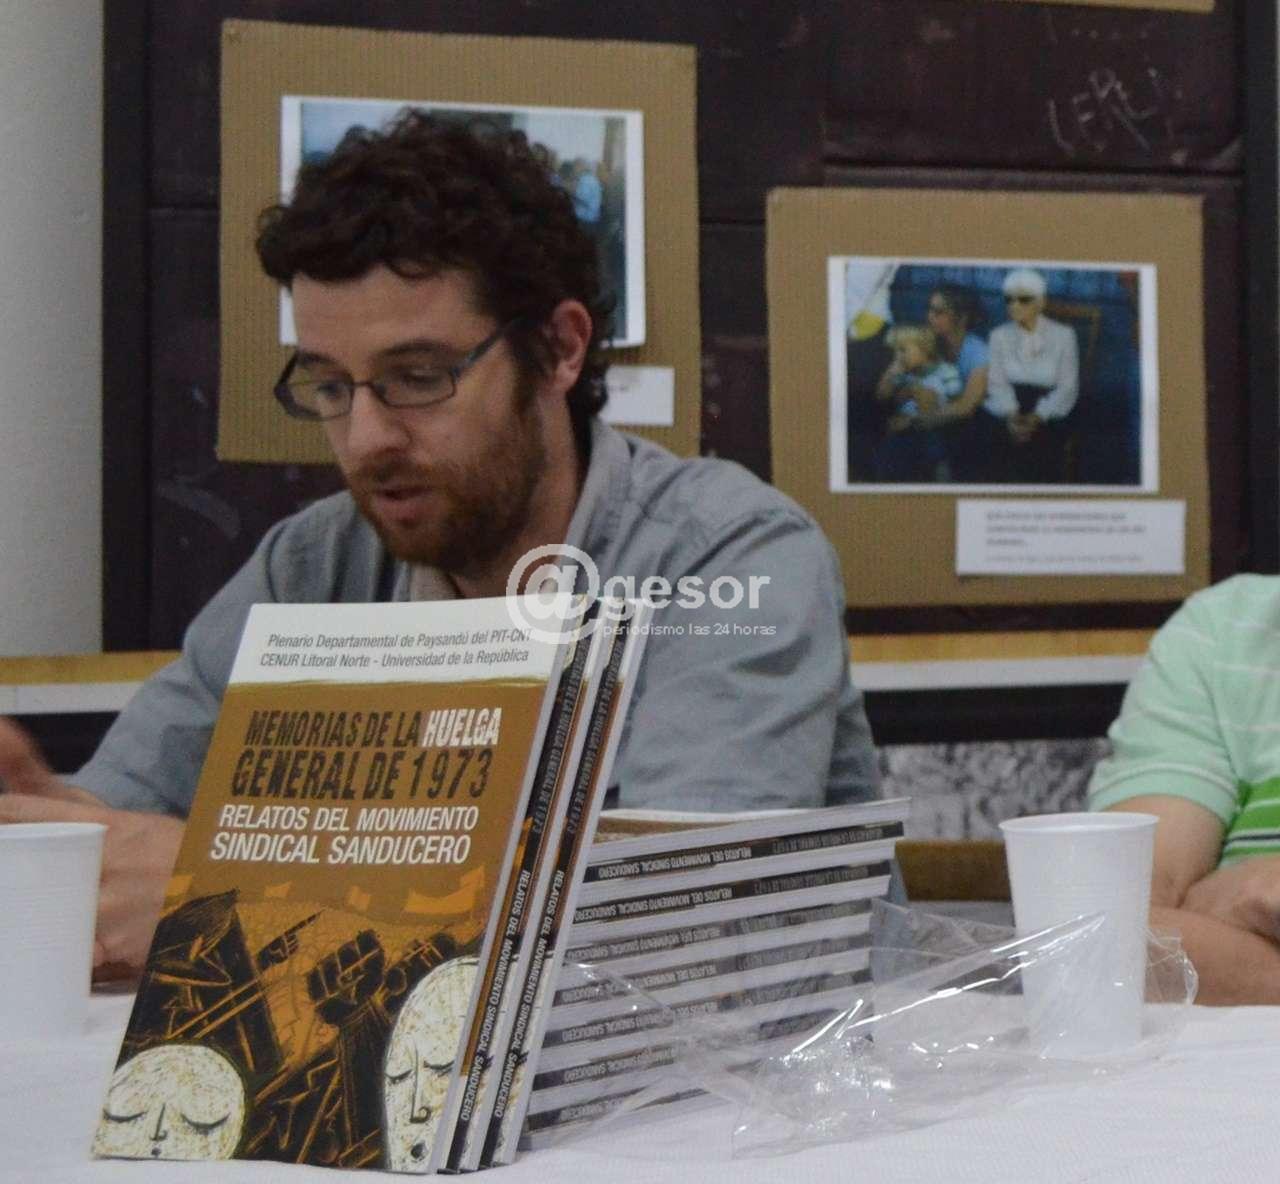 El prof. Nicolás Rodríguez comentó sobre la tarea docente en trasmitir los temas del pasado reciente a las nuevas generaciones.